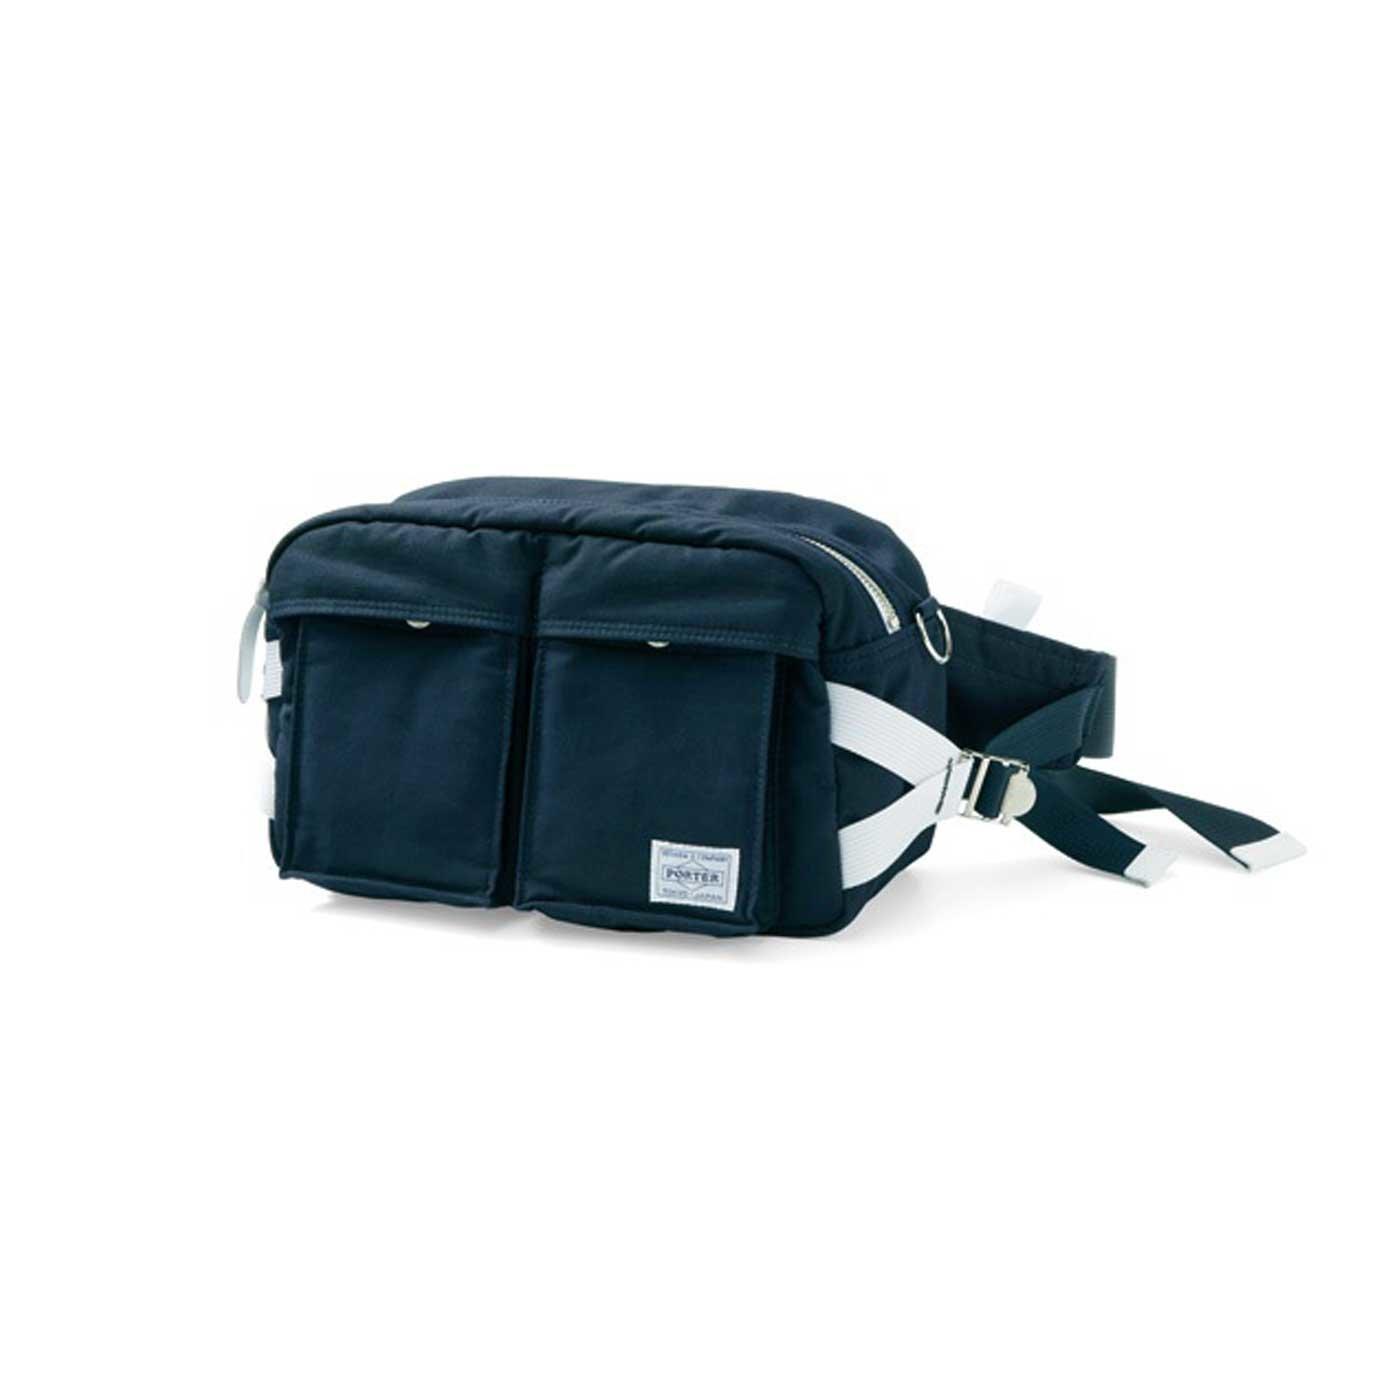 PORTER FOR PBP 上質さと便利さで手放せないななめがけ&ウエストバッグ